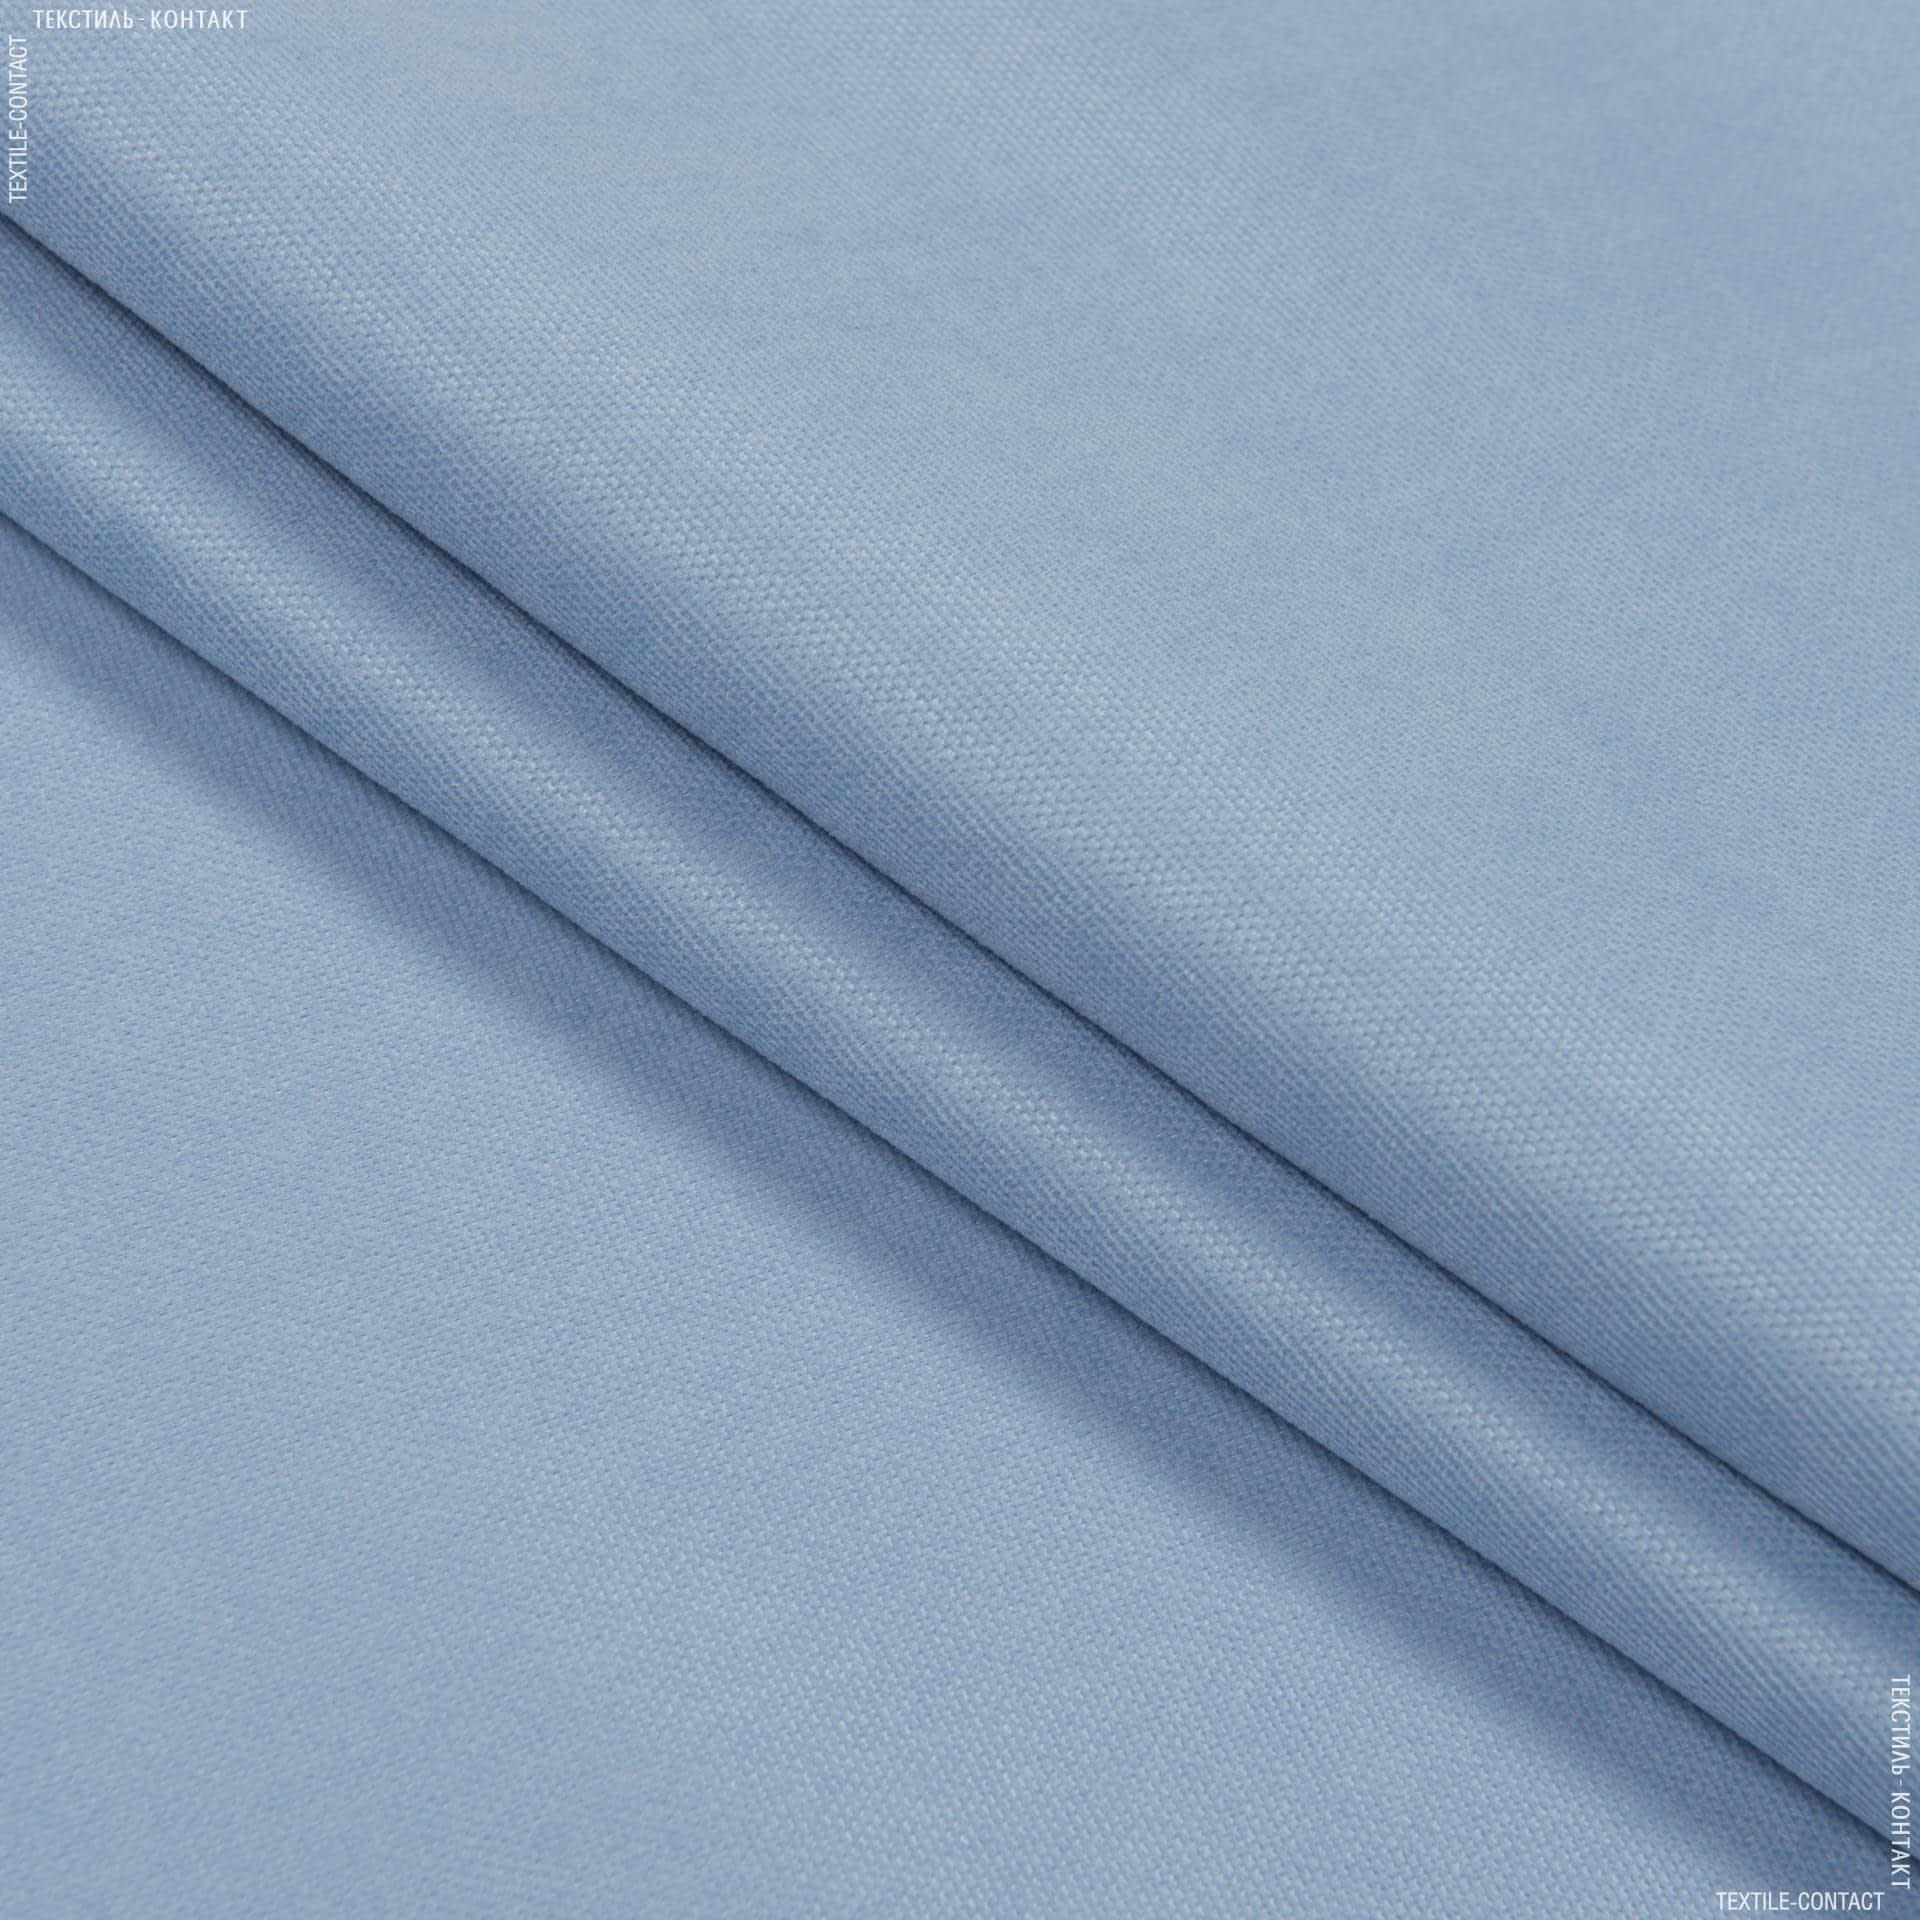 Ткани портьерные ткани - Декор-нубук  арвин/arwin сиренево-голубой